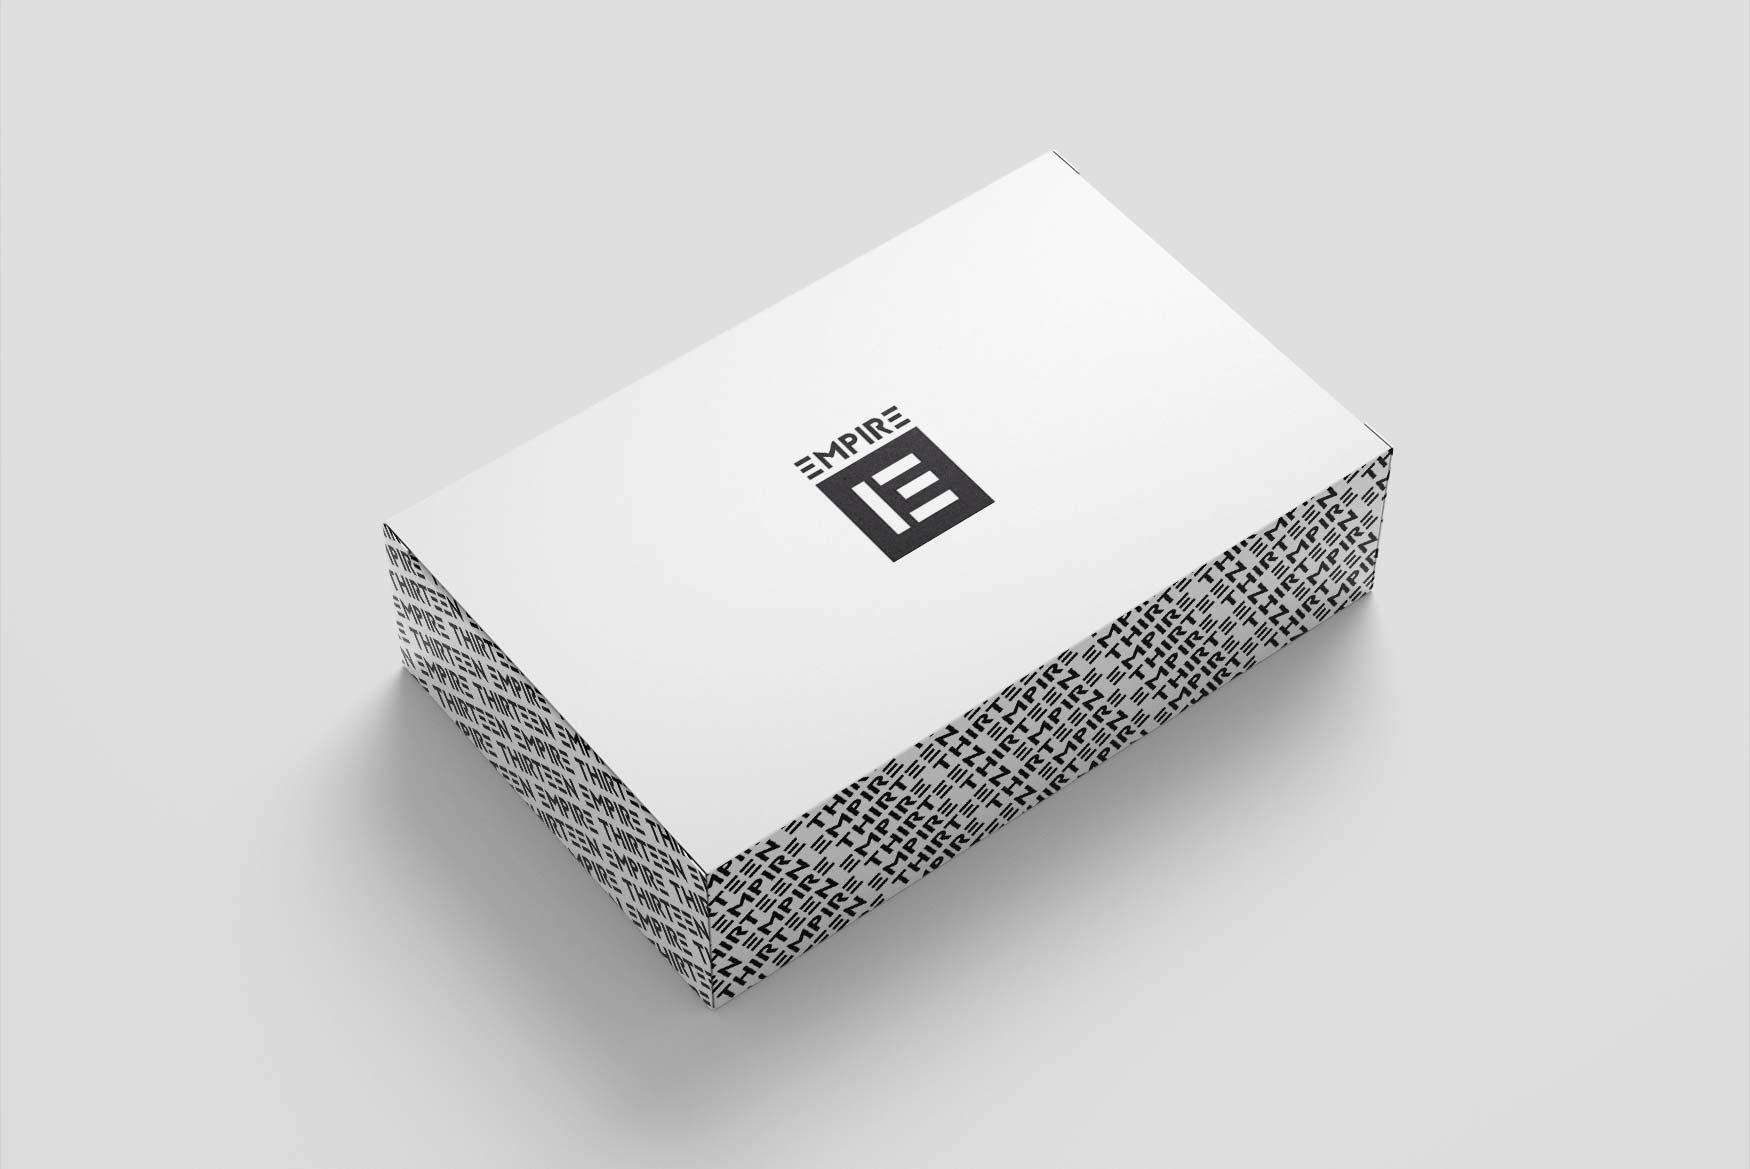 Verpackungsdesign-Mode-3-Designagentur-Stuttgart-Kreativbetrieb